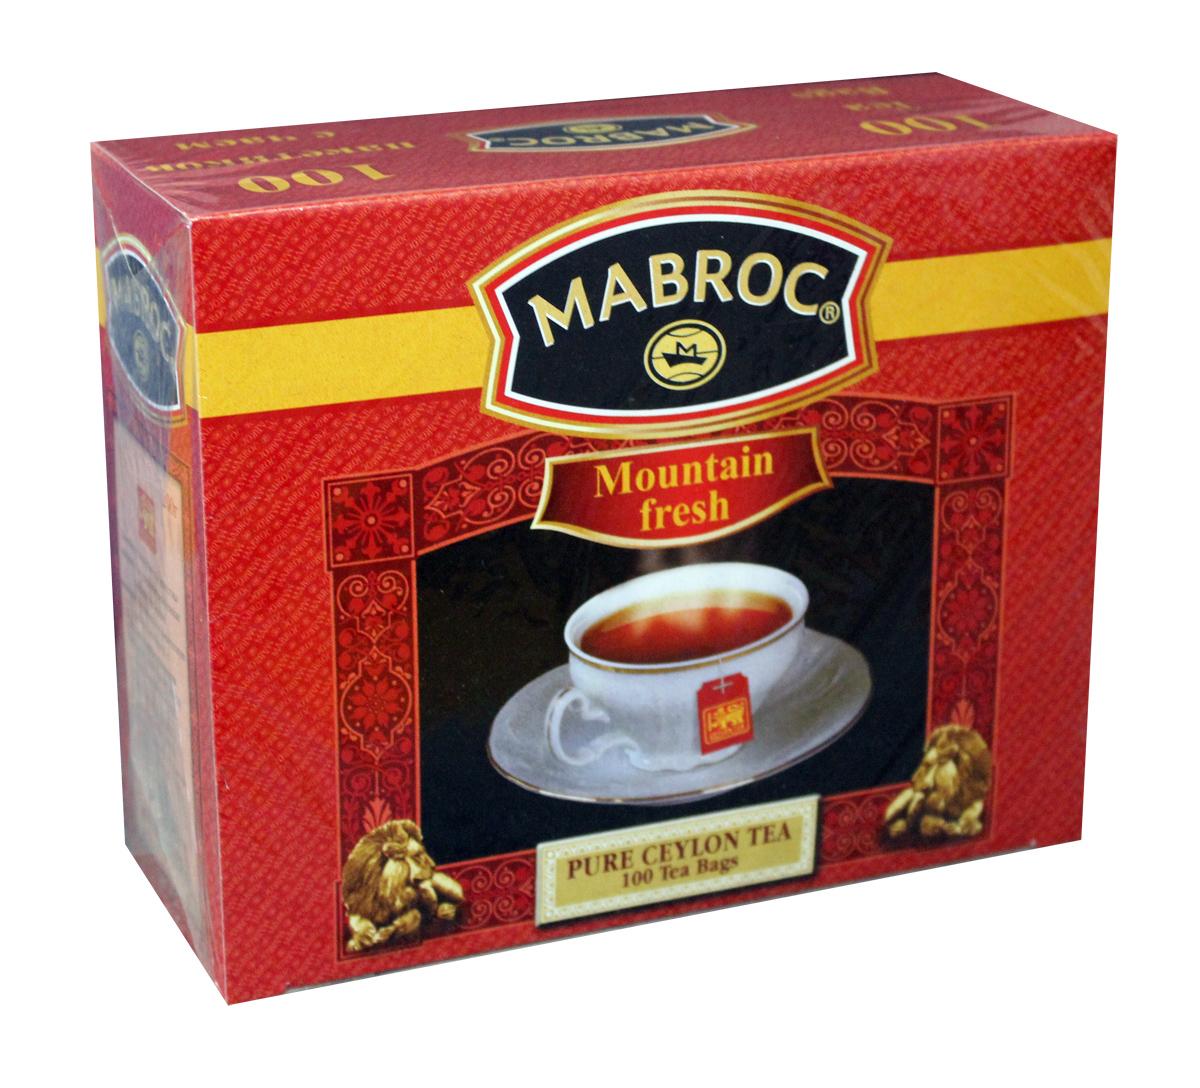 Mabroc Голд Свежесть горная чай черный в пакетиках, 100 шт4791029004235Черный чай Mabroc Голд - это качественный чай с собственных плантаций по наилучшей цене. Его насыщенный вкус и терпкий аромат никого не оставят равнодушным. Цейлонский черный мелколистовой ломаный чай в пакетиках. Настой яркий, прозрачный с интенсивной окраской. Быстро заваривается. Вкус терпкий с приятной горчинкой и хорошо выраженным ароматом..